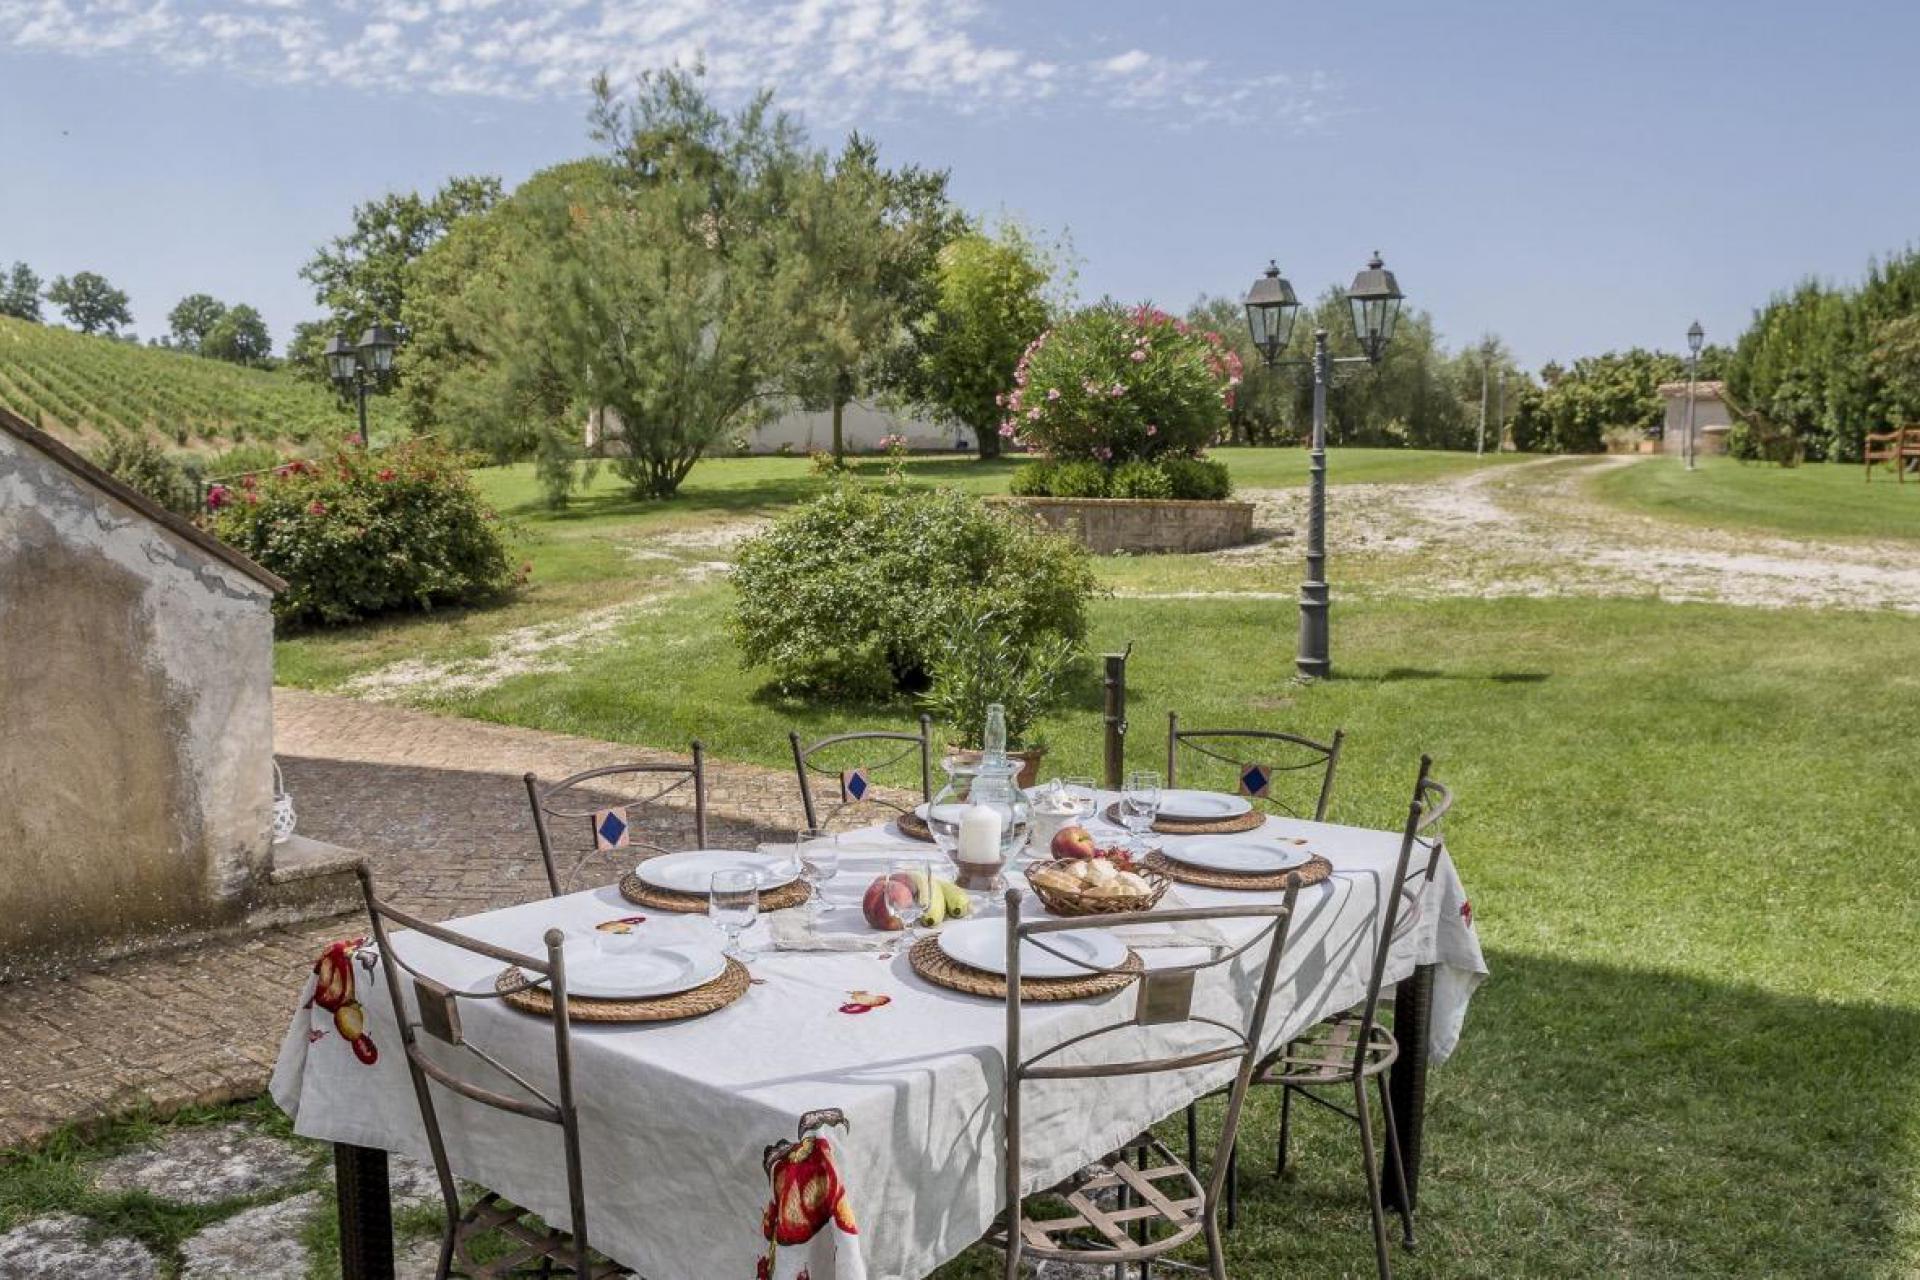 Agriturismo Roma Agriturismo vicino a Roma nella soleggiata regione del Lazio